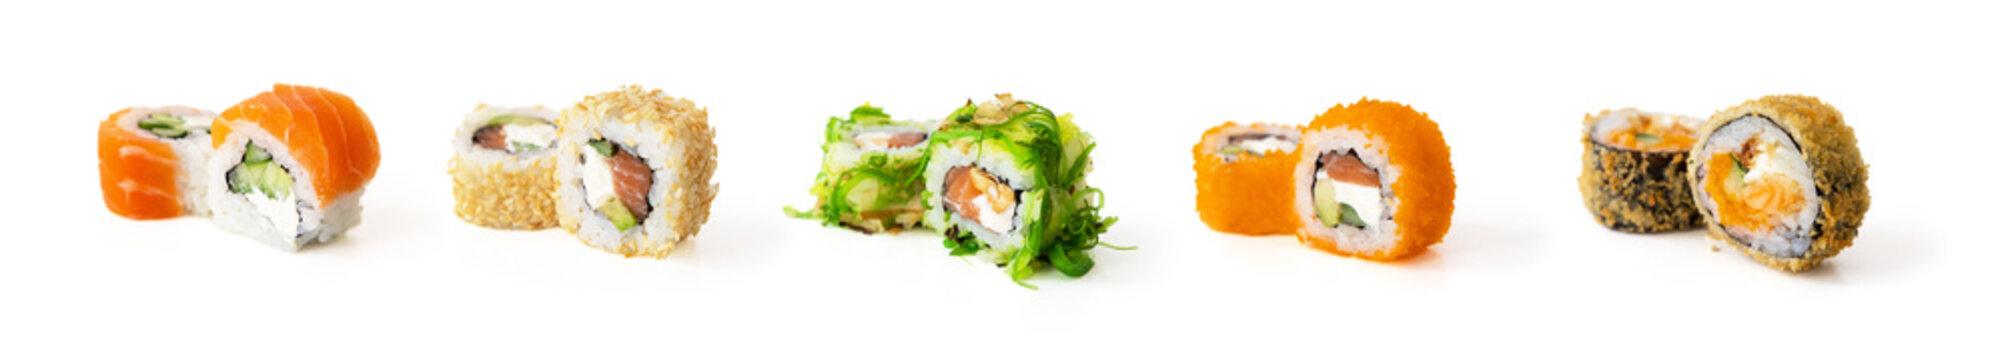 Set of sushi rolls isolated on white background